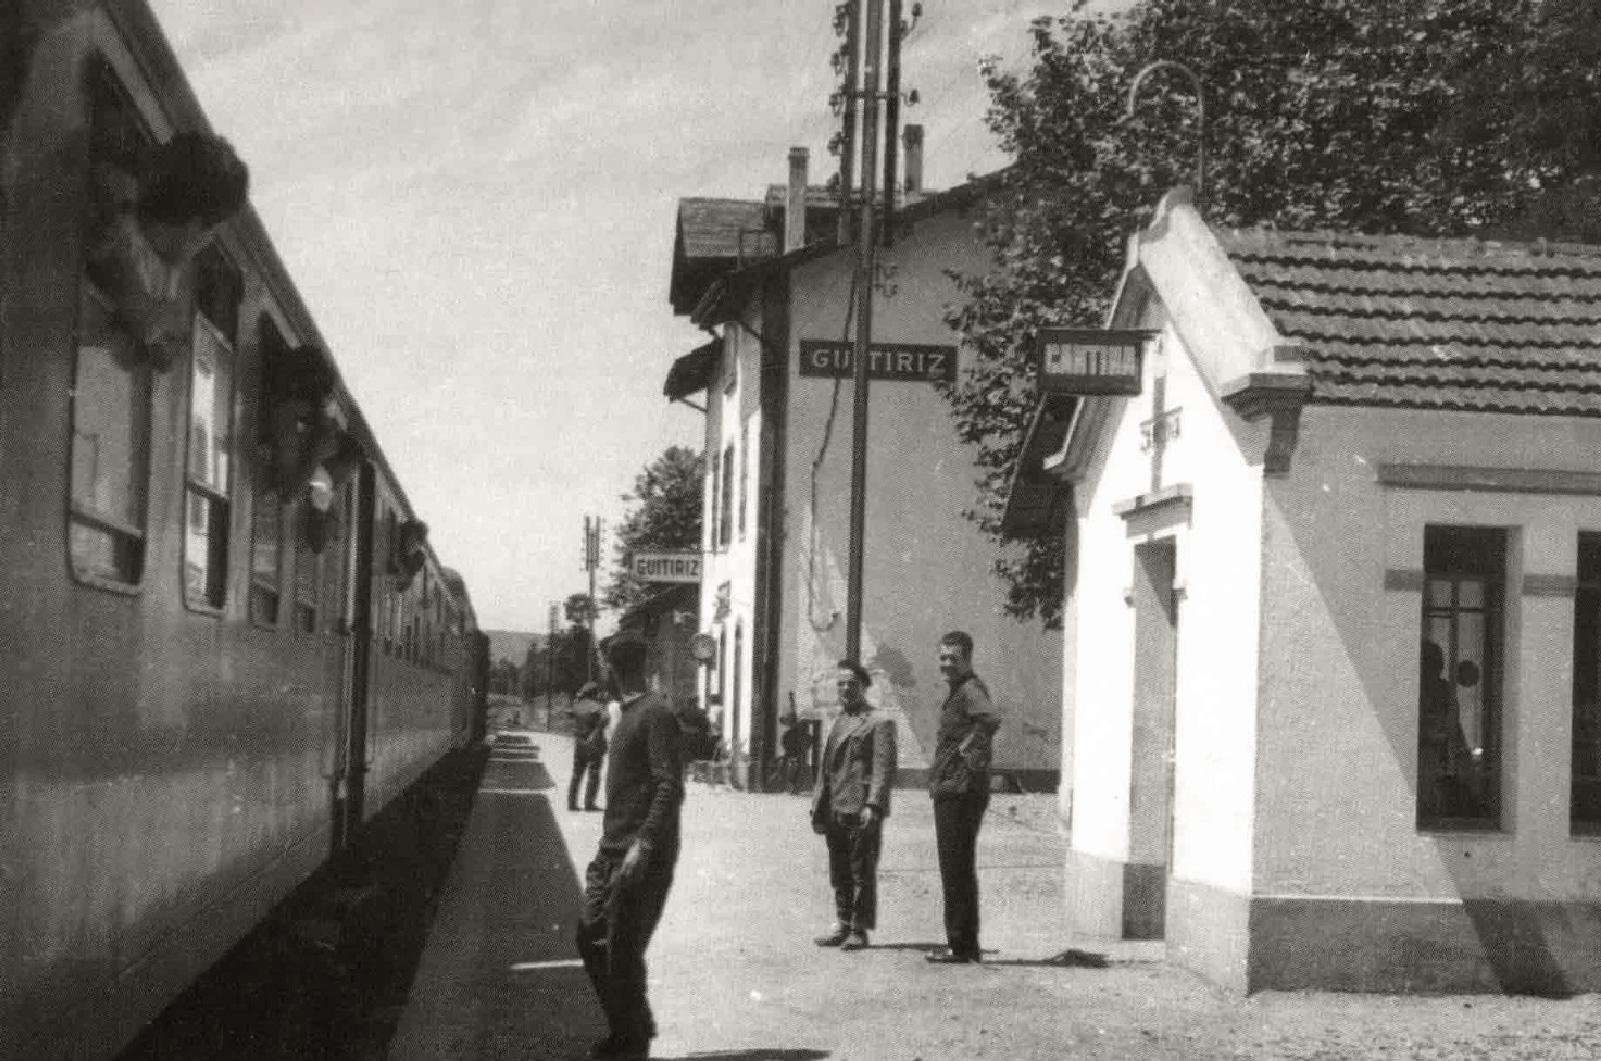 Estación de tren Guitiriz